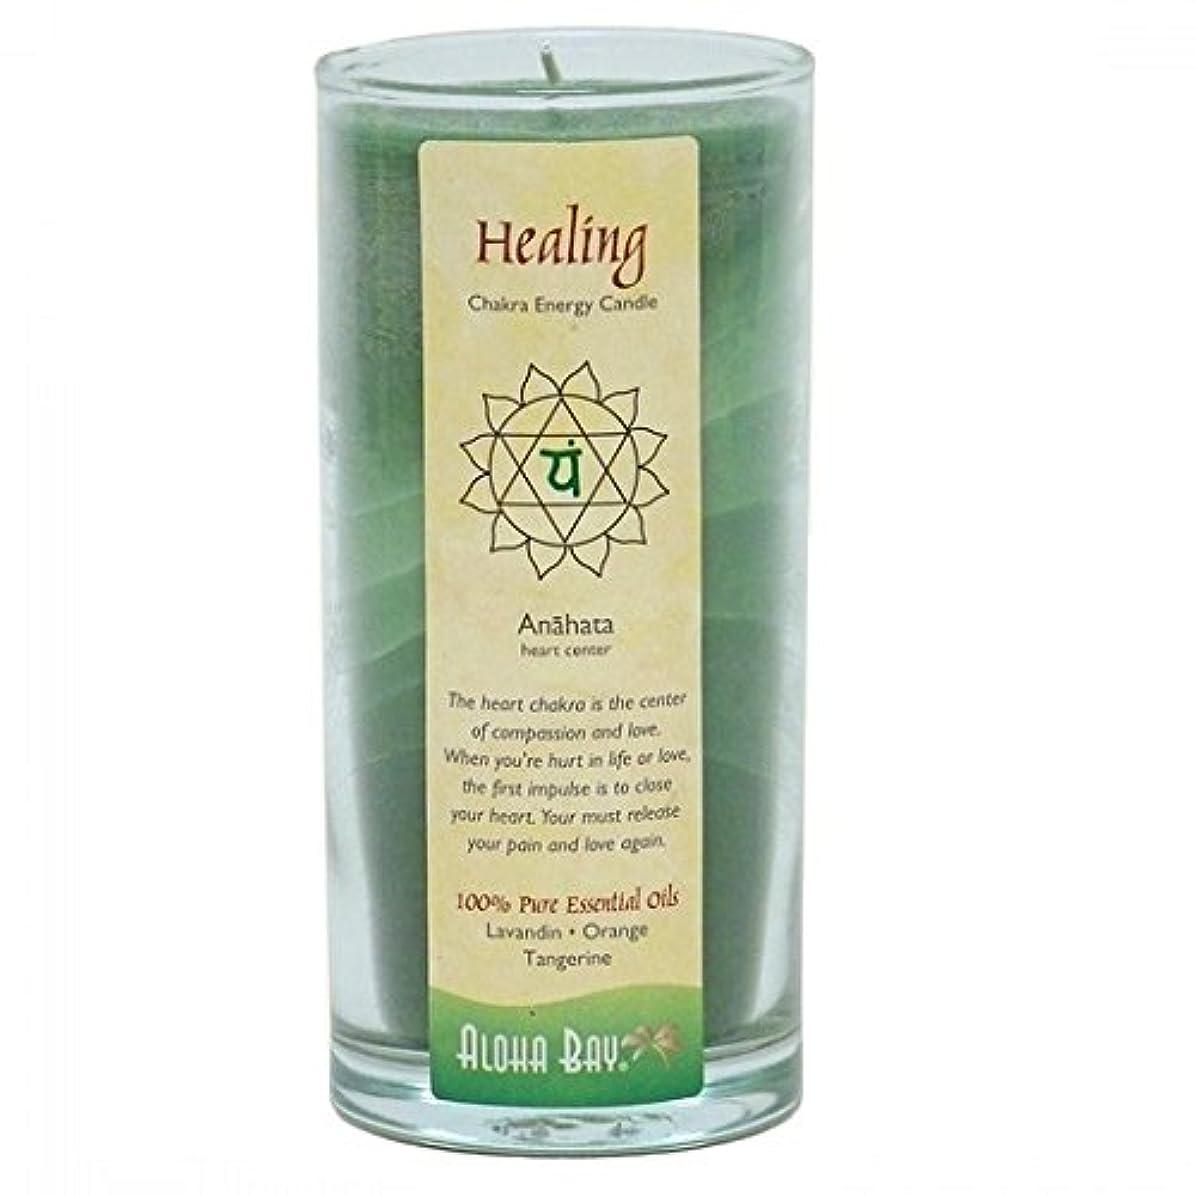 士気番目エージェントAloha Bay - Chakraエネルギー蝋燭の瓶の治療の治療 - 11ポンド